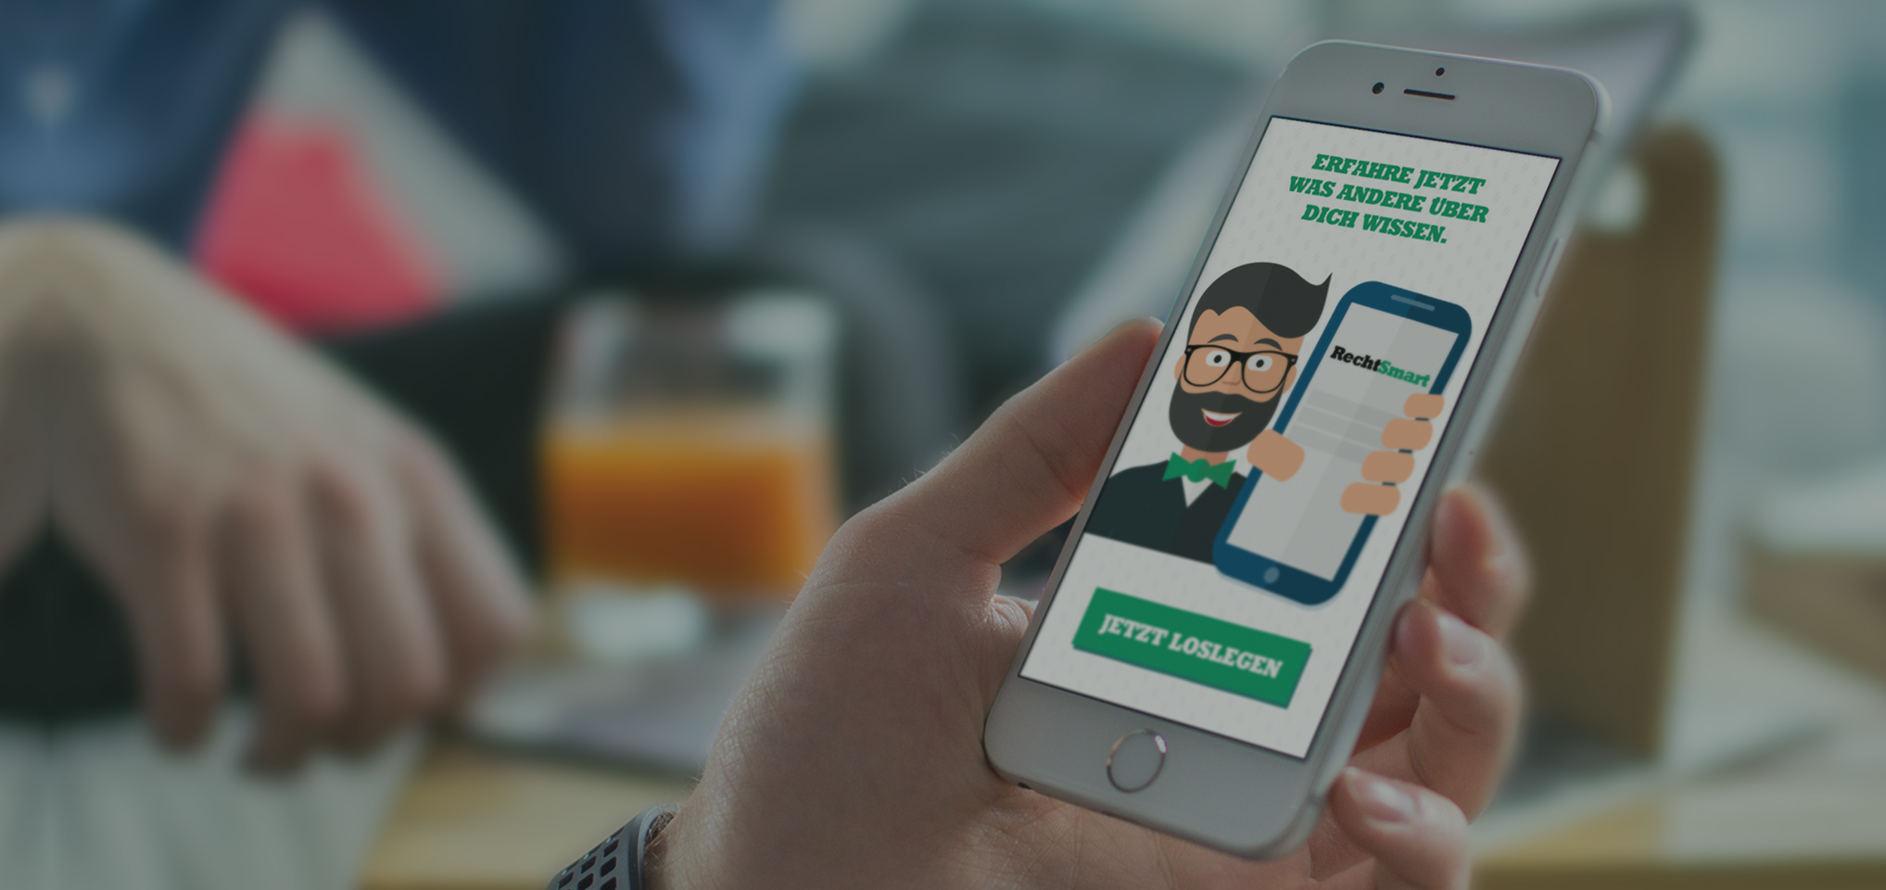 RechtSmart Homepage